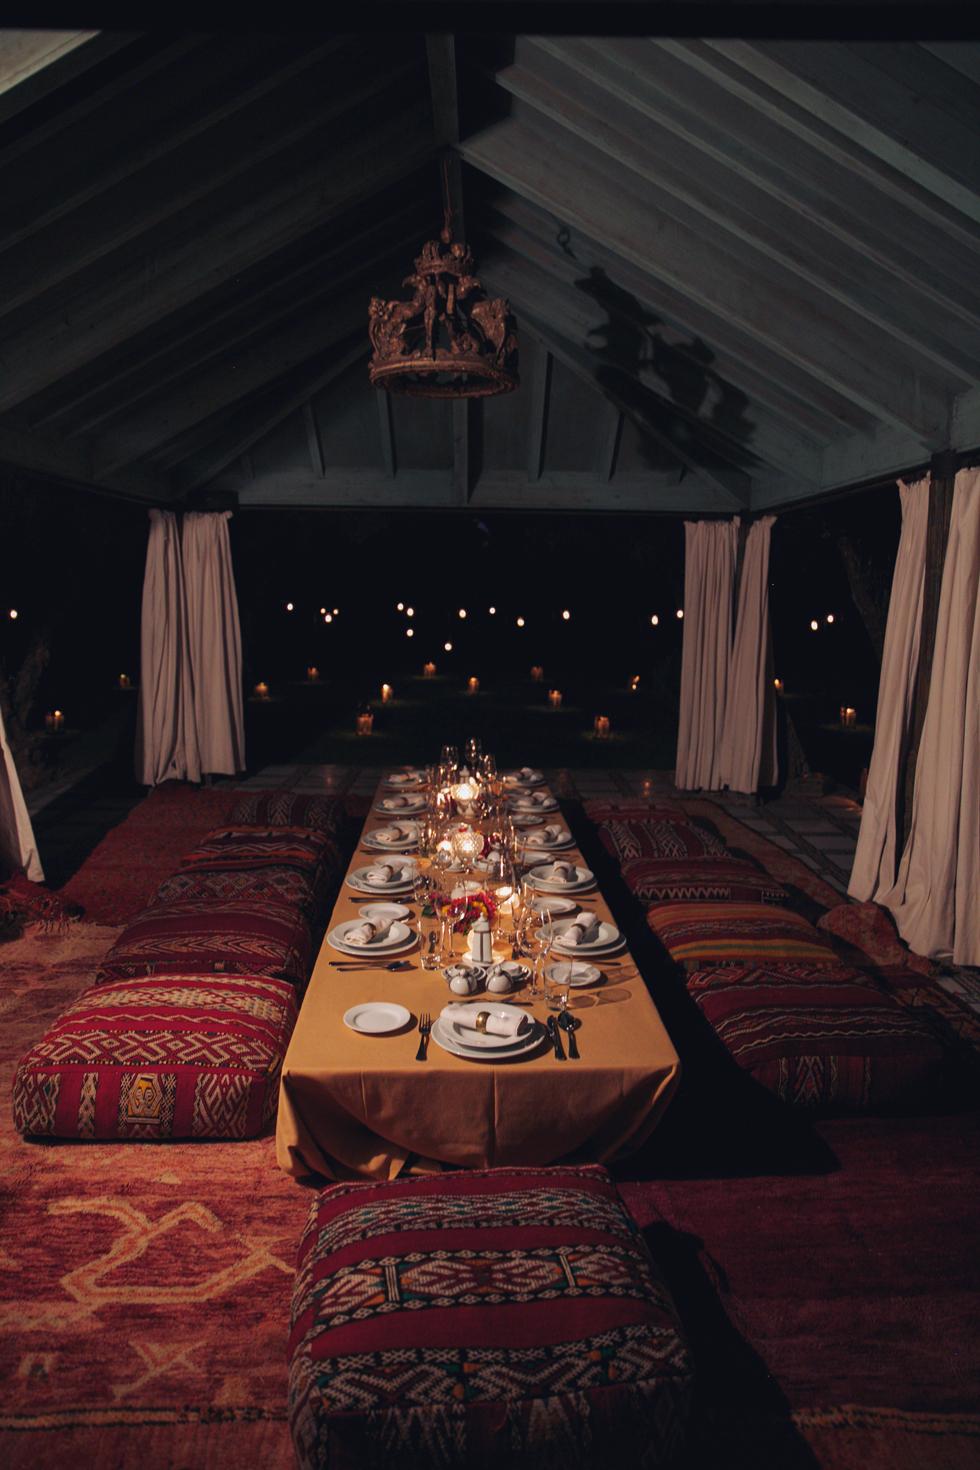 Middag-Utomhus